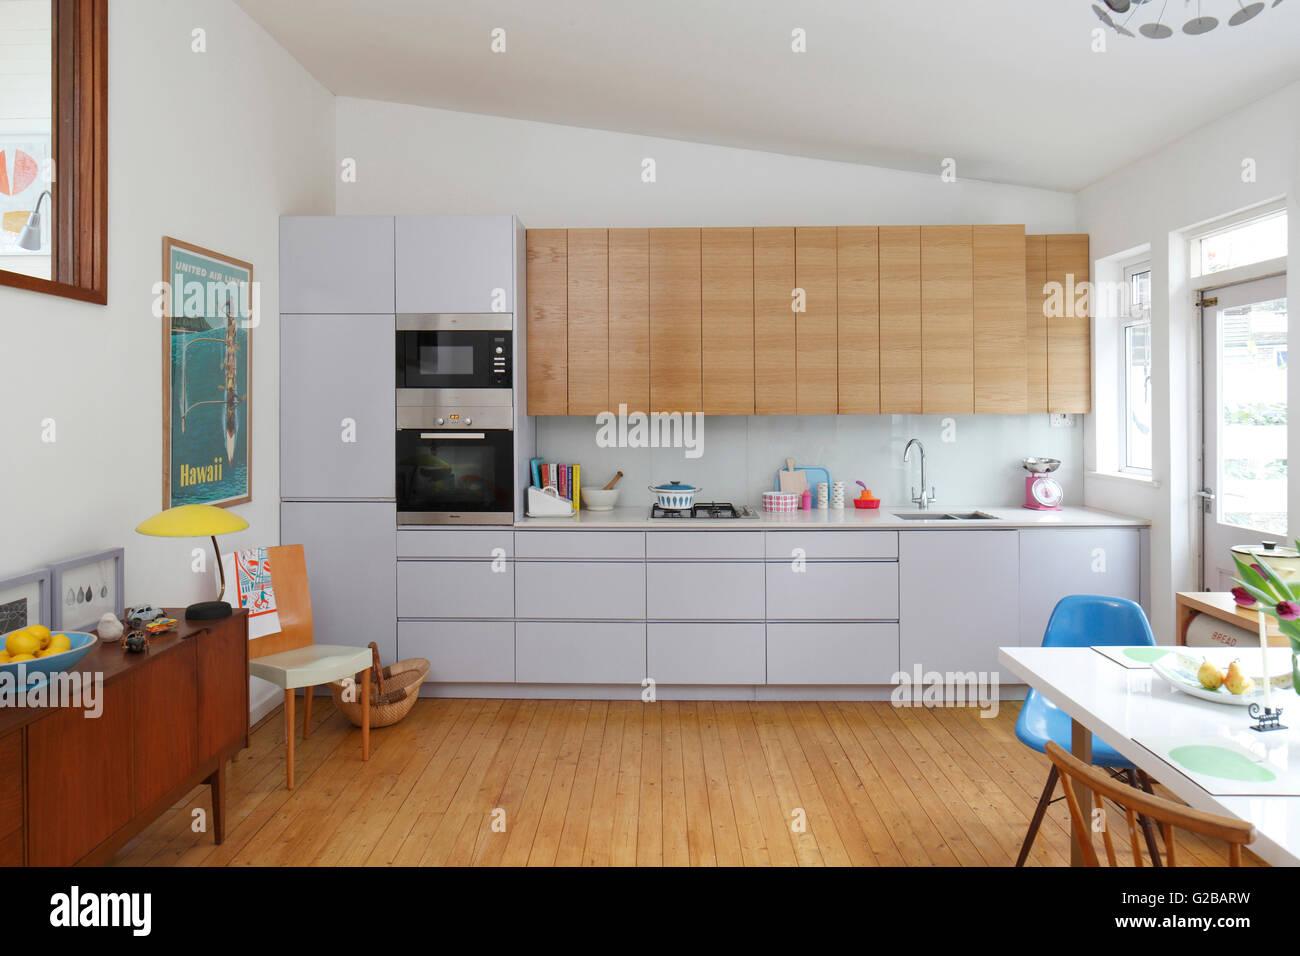 Küche mit schrägen Decke. Weiß und Holz Küchenschränke. Stockbild